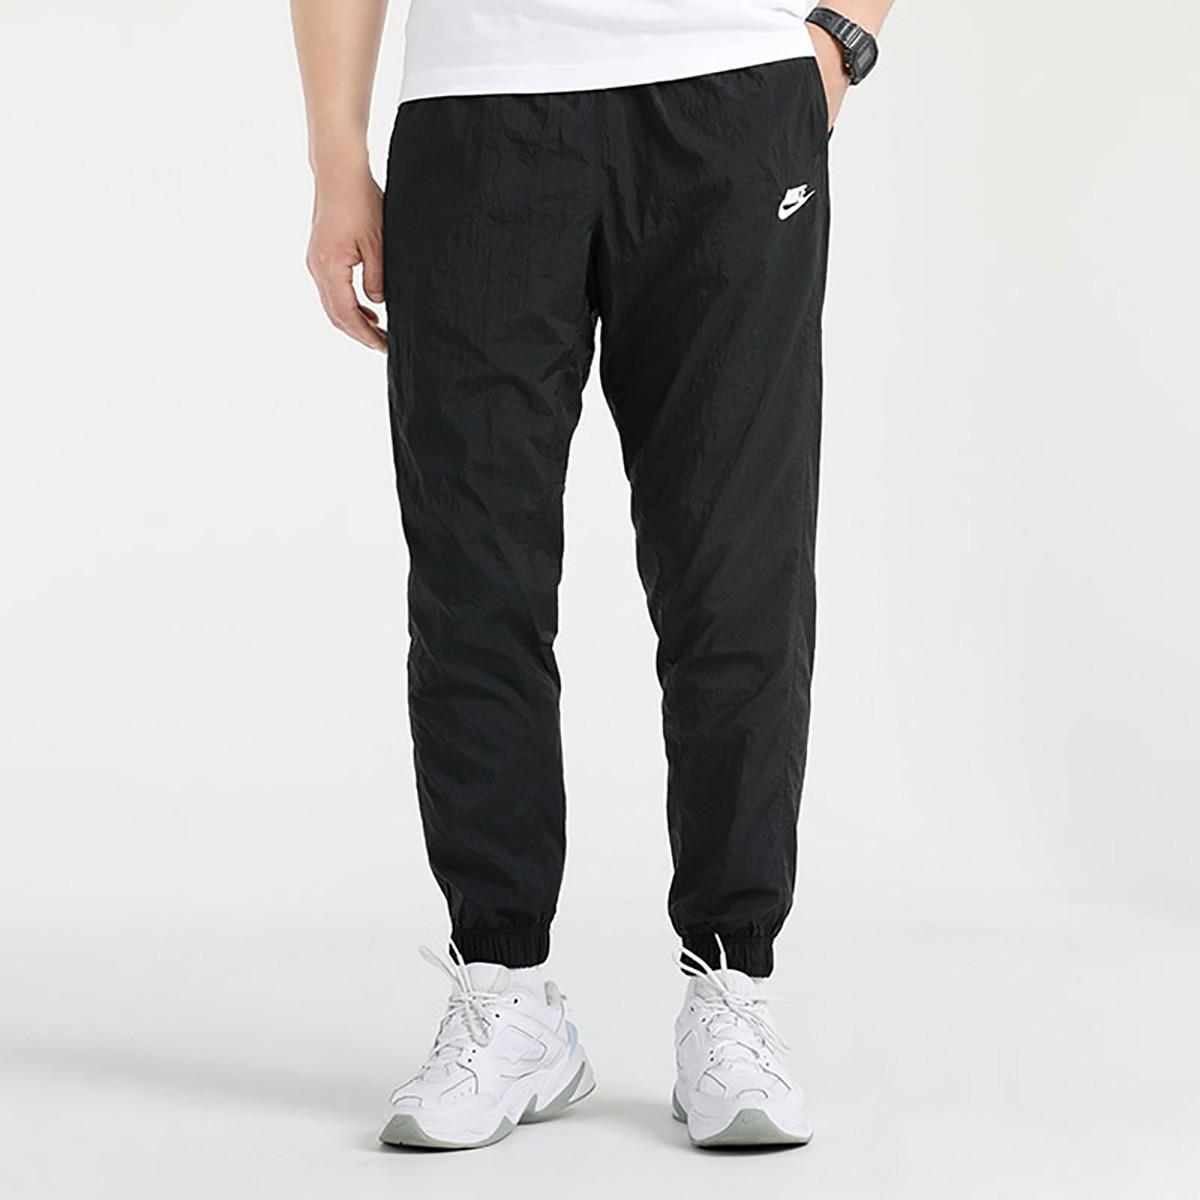 NIKE 耐克 CU4314 男士运动裤 黑色